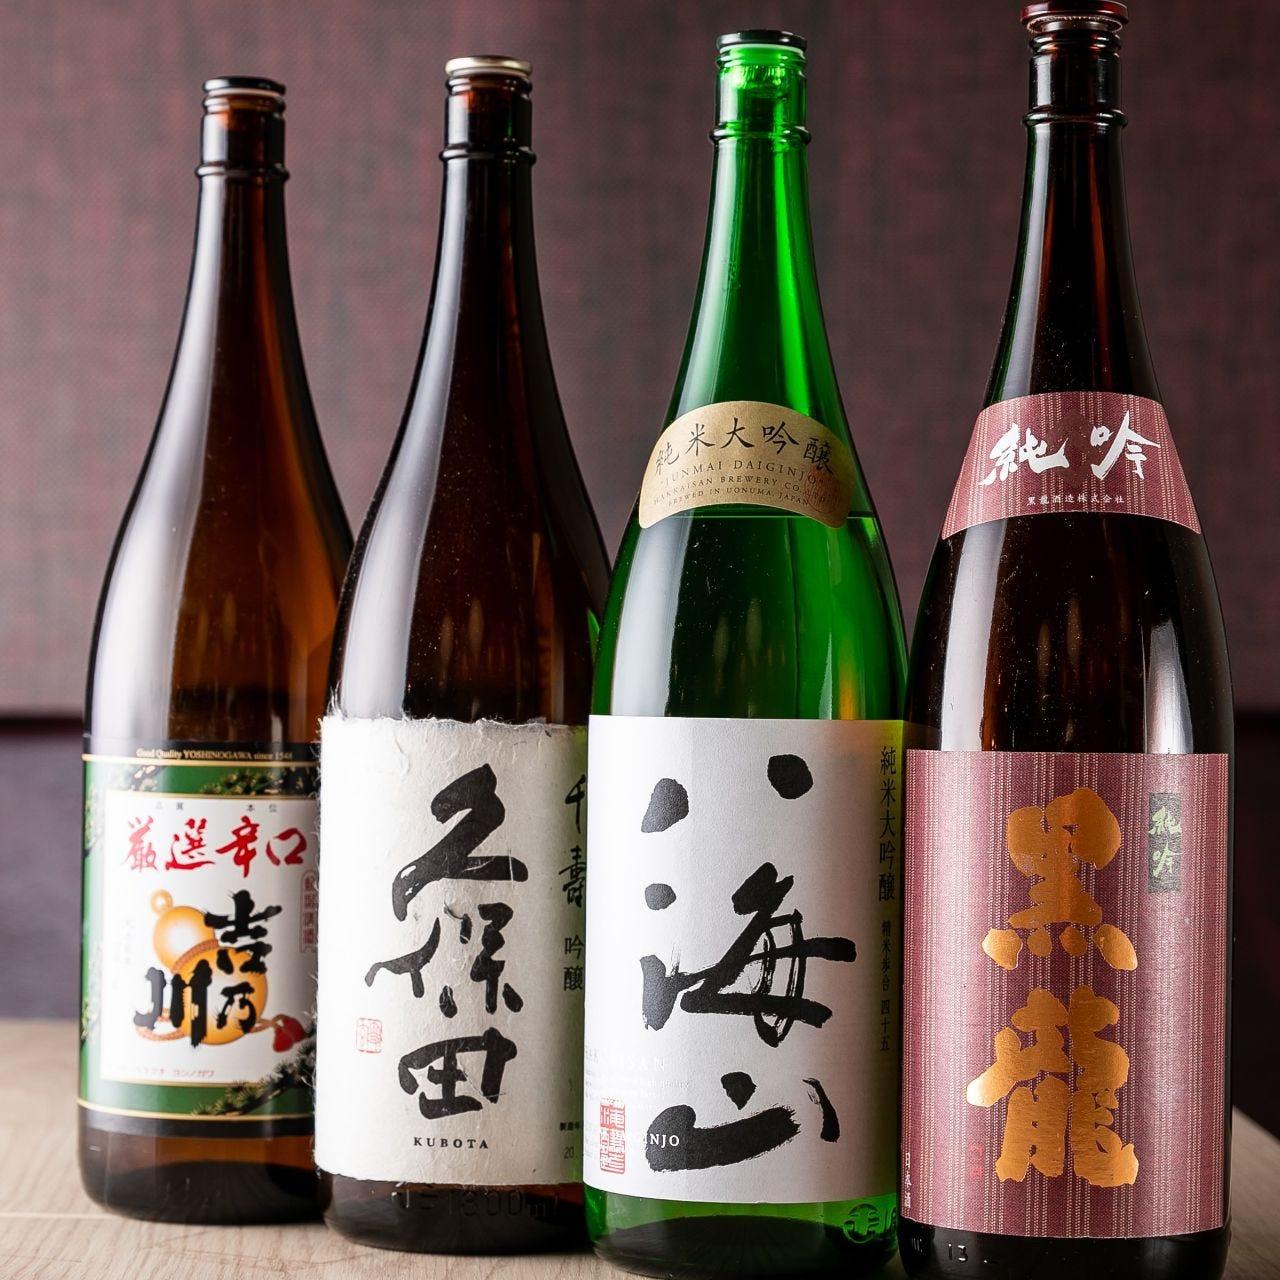 日本酒は、料理に合うものを厳選